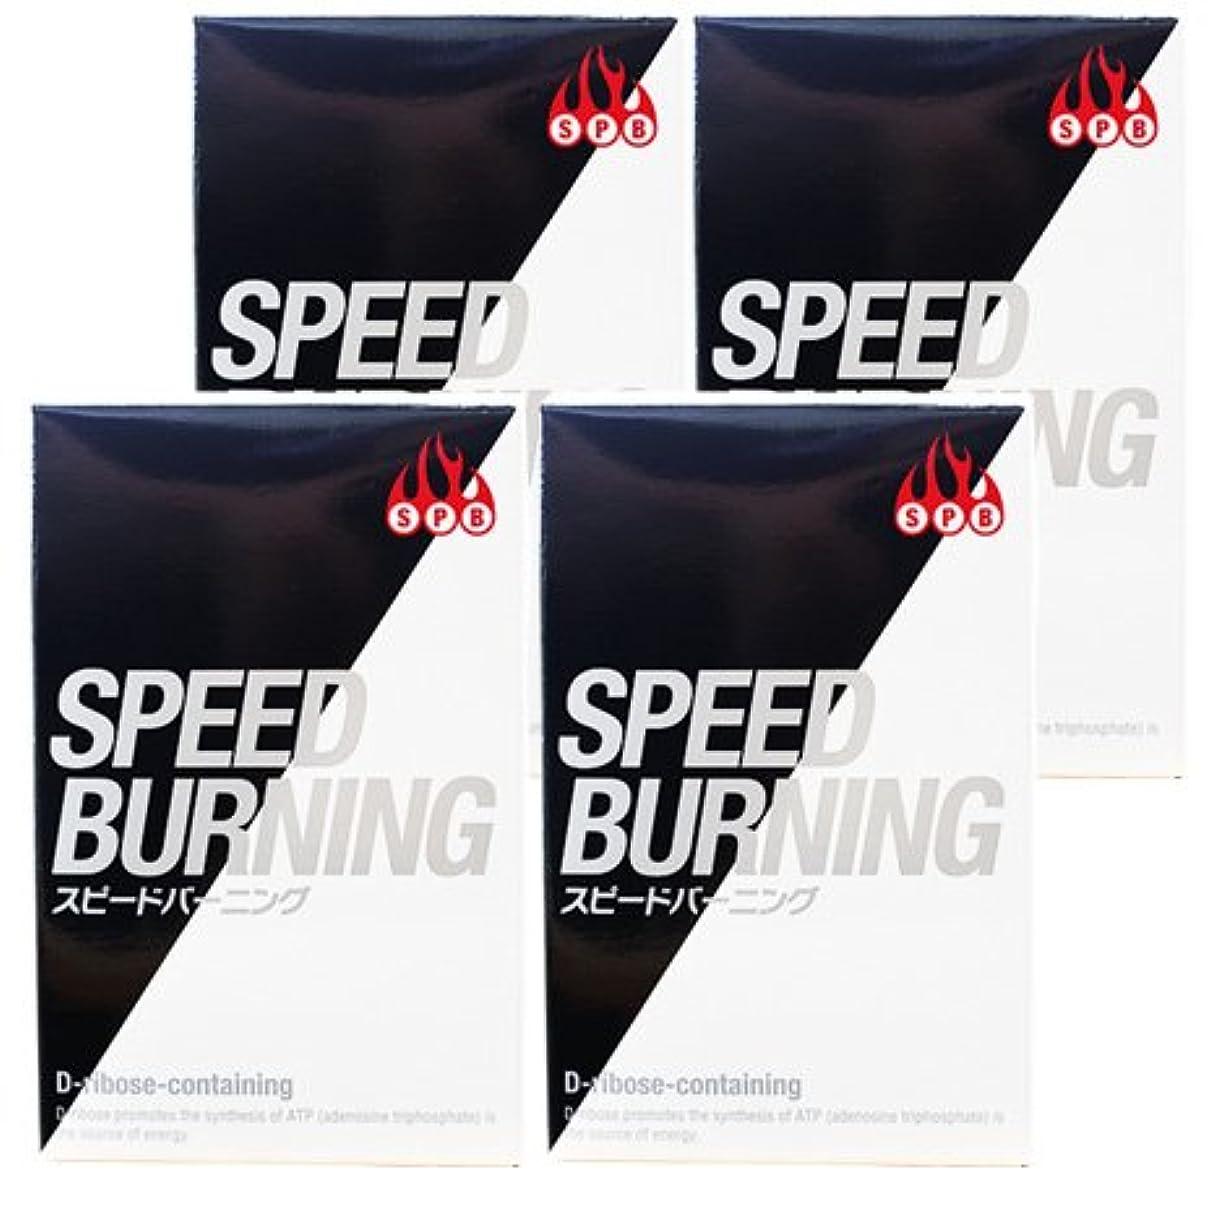 ハイライト間違い感謝しているスピードバーニング SPEED BURNING×4個